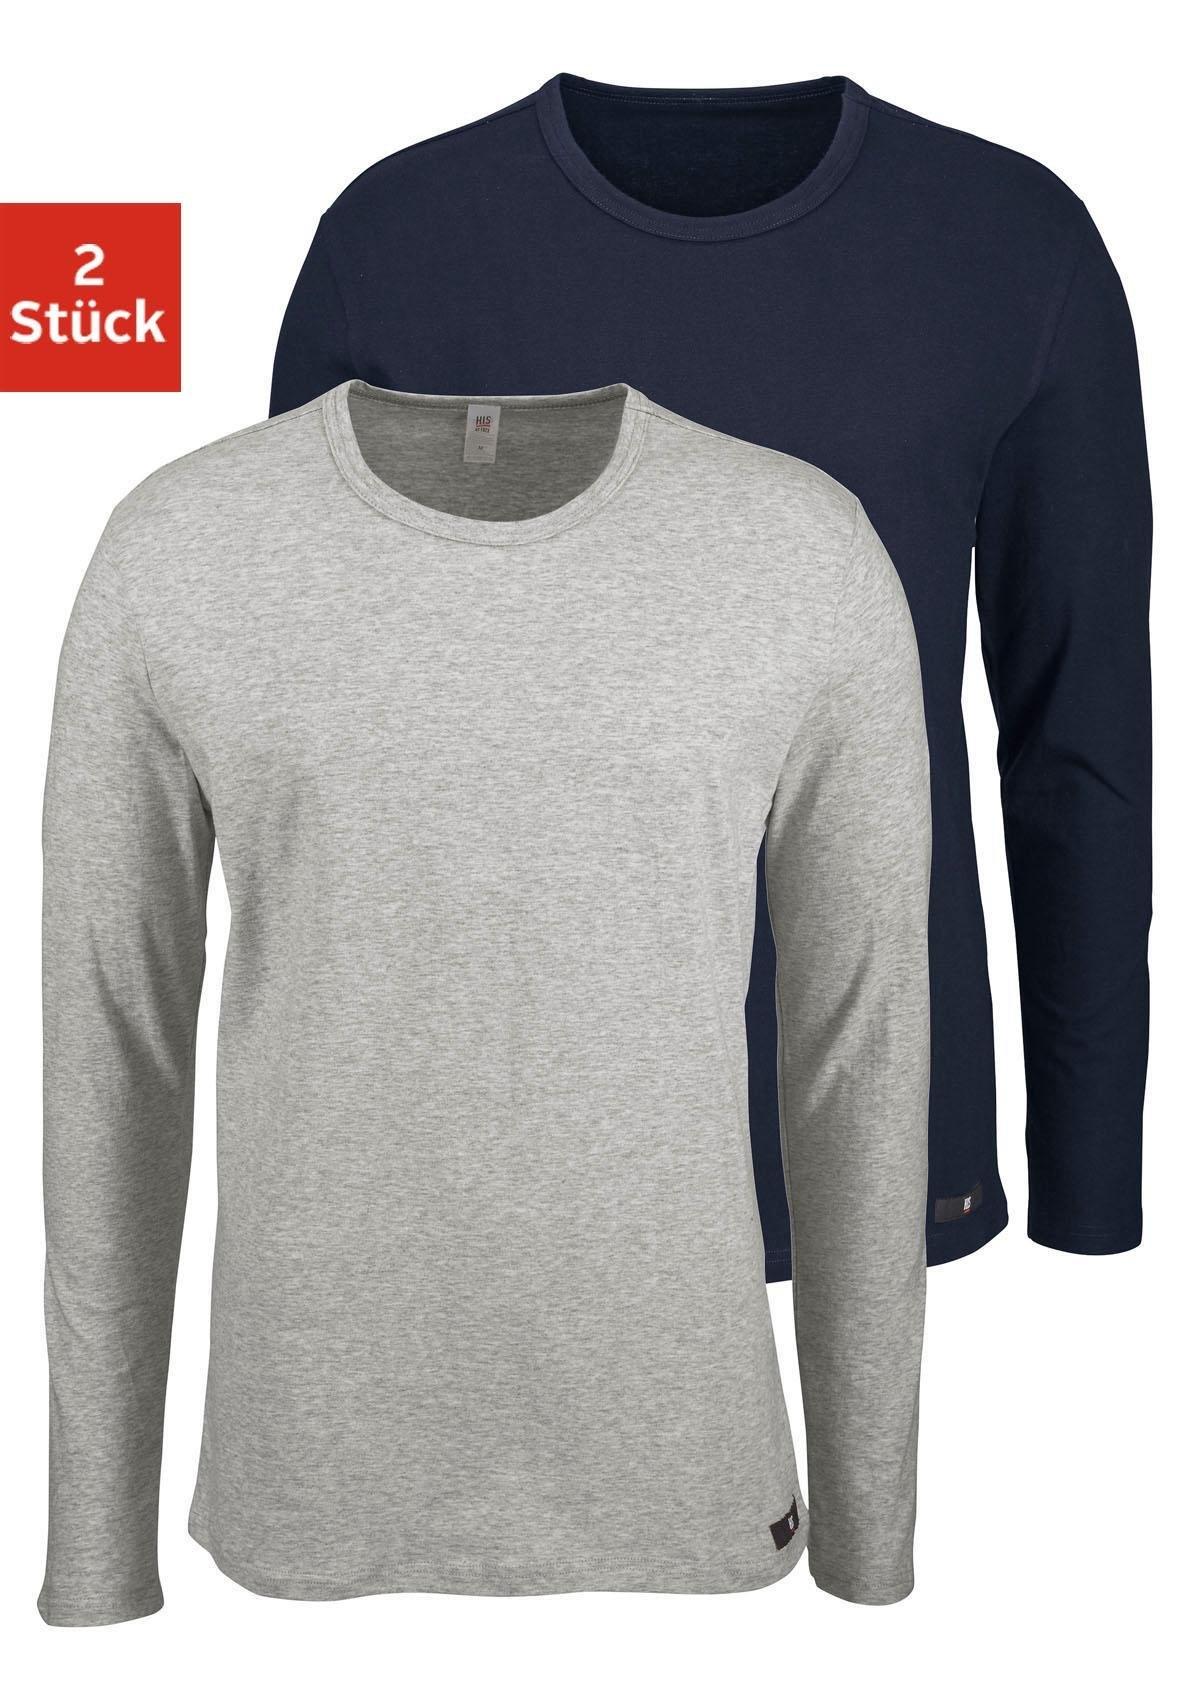 H.I.S shirt met lange mouwen gemaakt van katoen (Set van 2) - gratis ruilen op lascana.nl